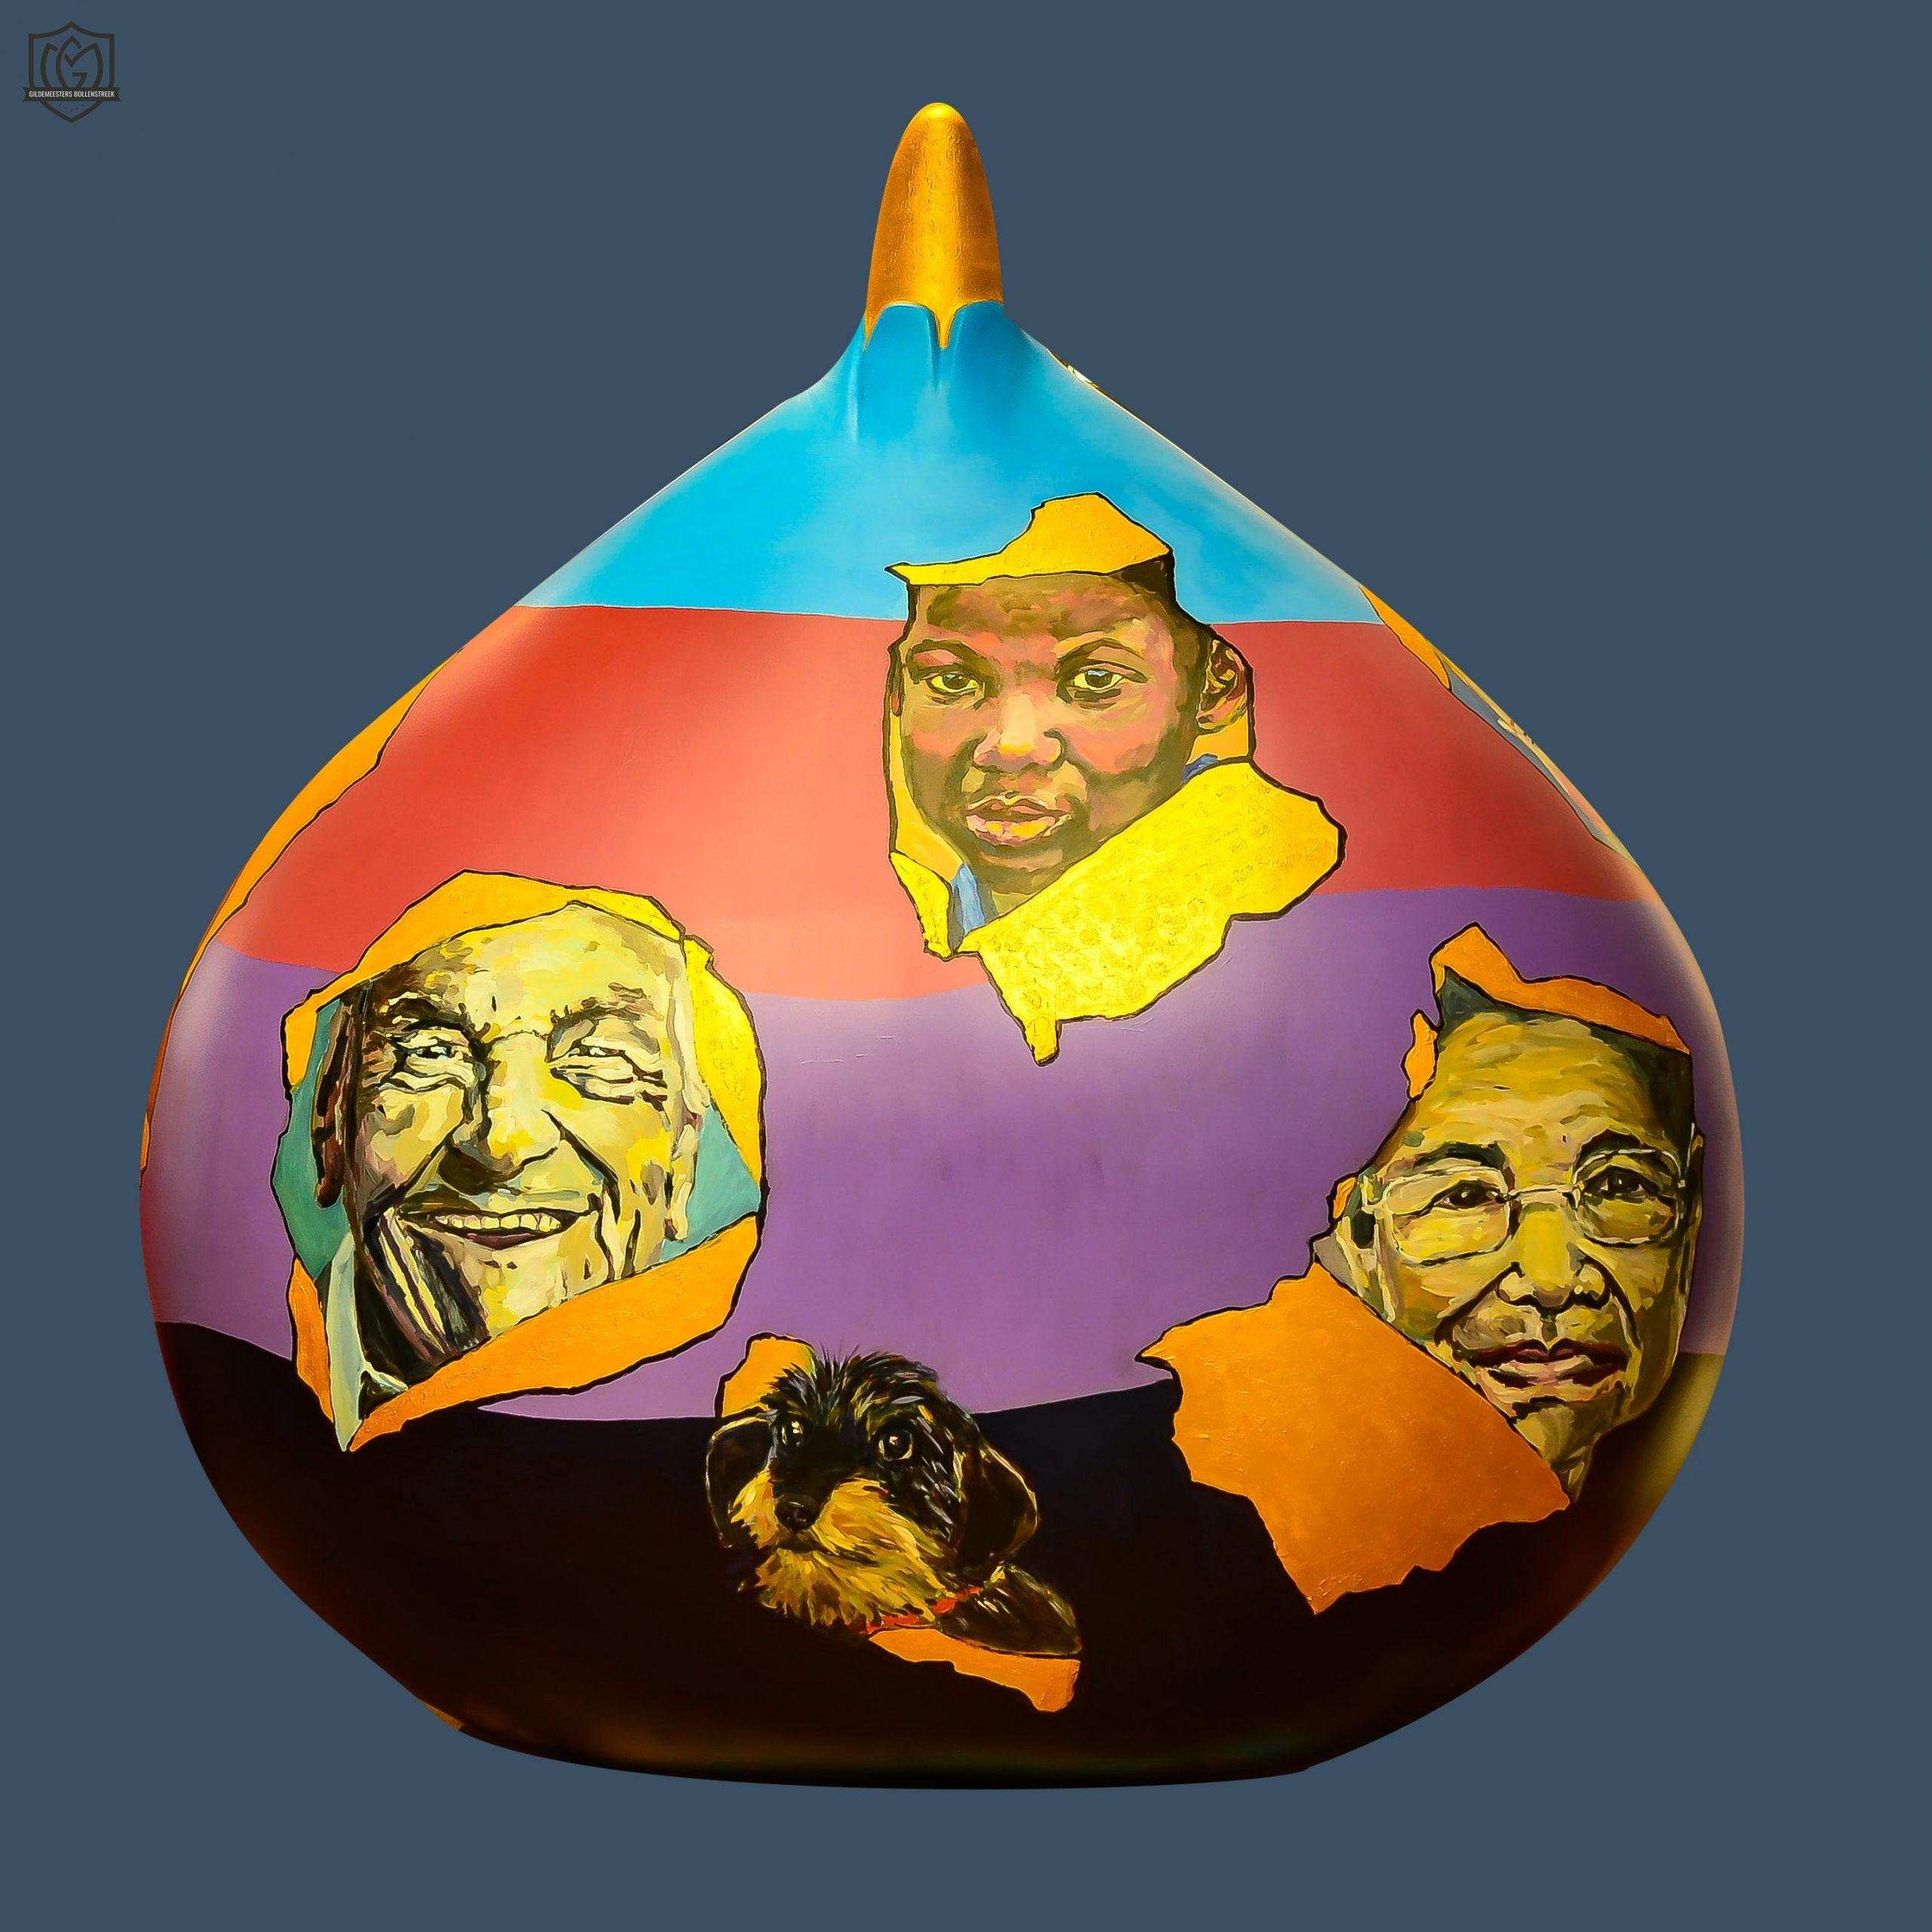 Reuzenbol 'People around the world' - Nanette Heijnen